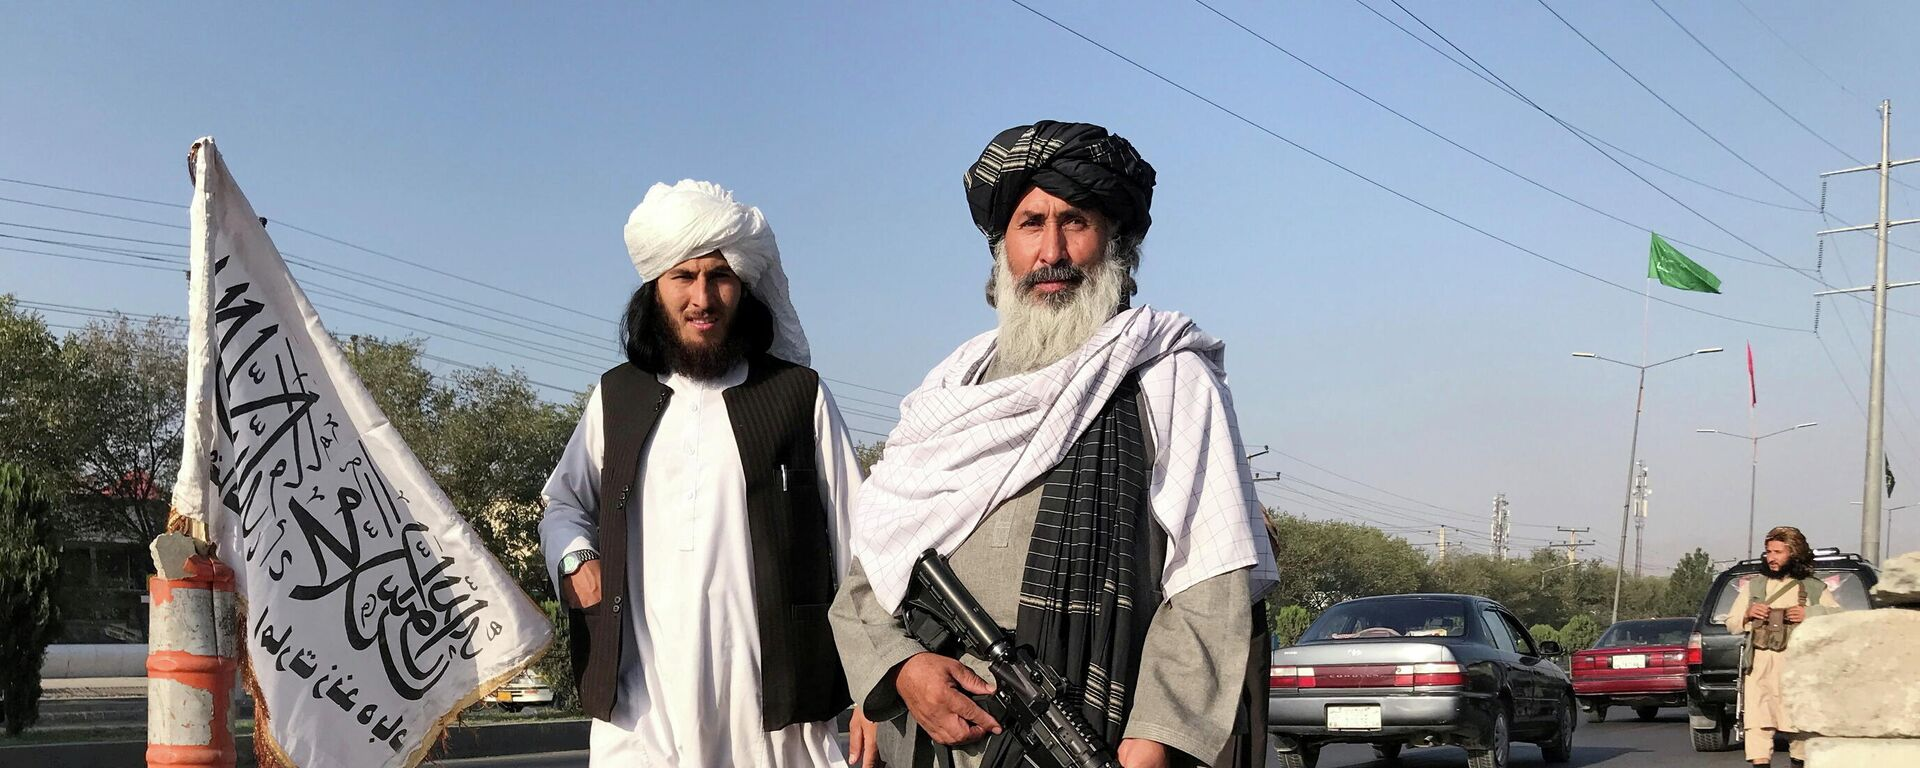 Припадници талибанског покрета наоружани пушкама у Кабулу - Sputnik Србија, 1920, 03.09.2021